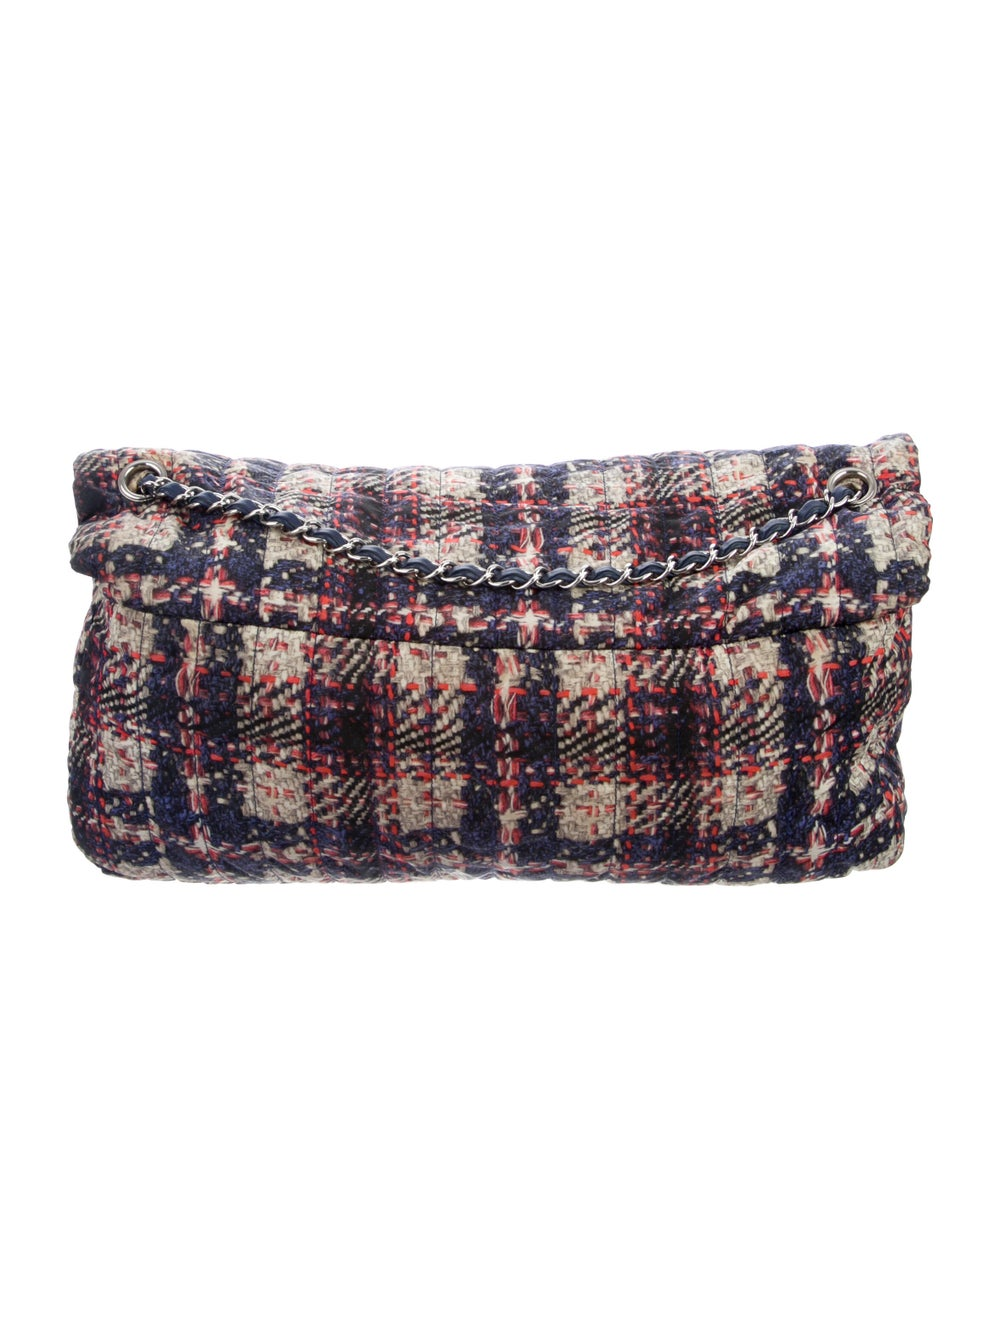 Chanel Large Nylon Tweed Flap Bag Blue - image 4